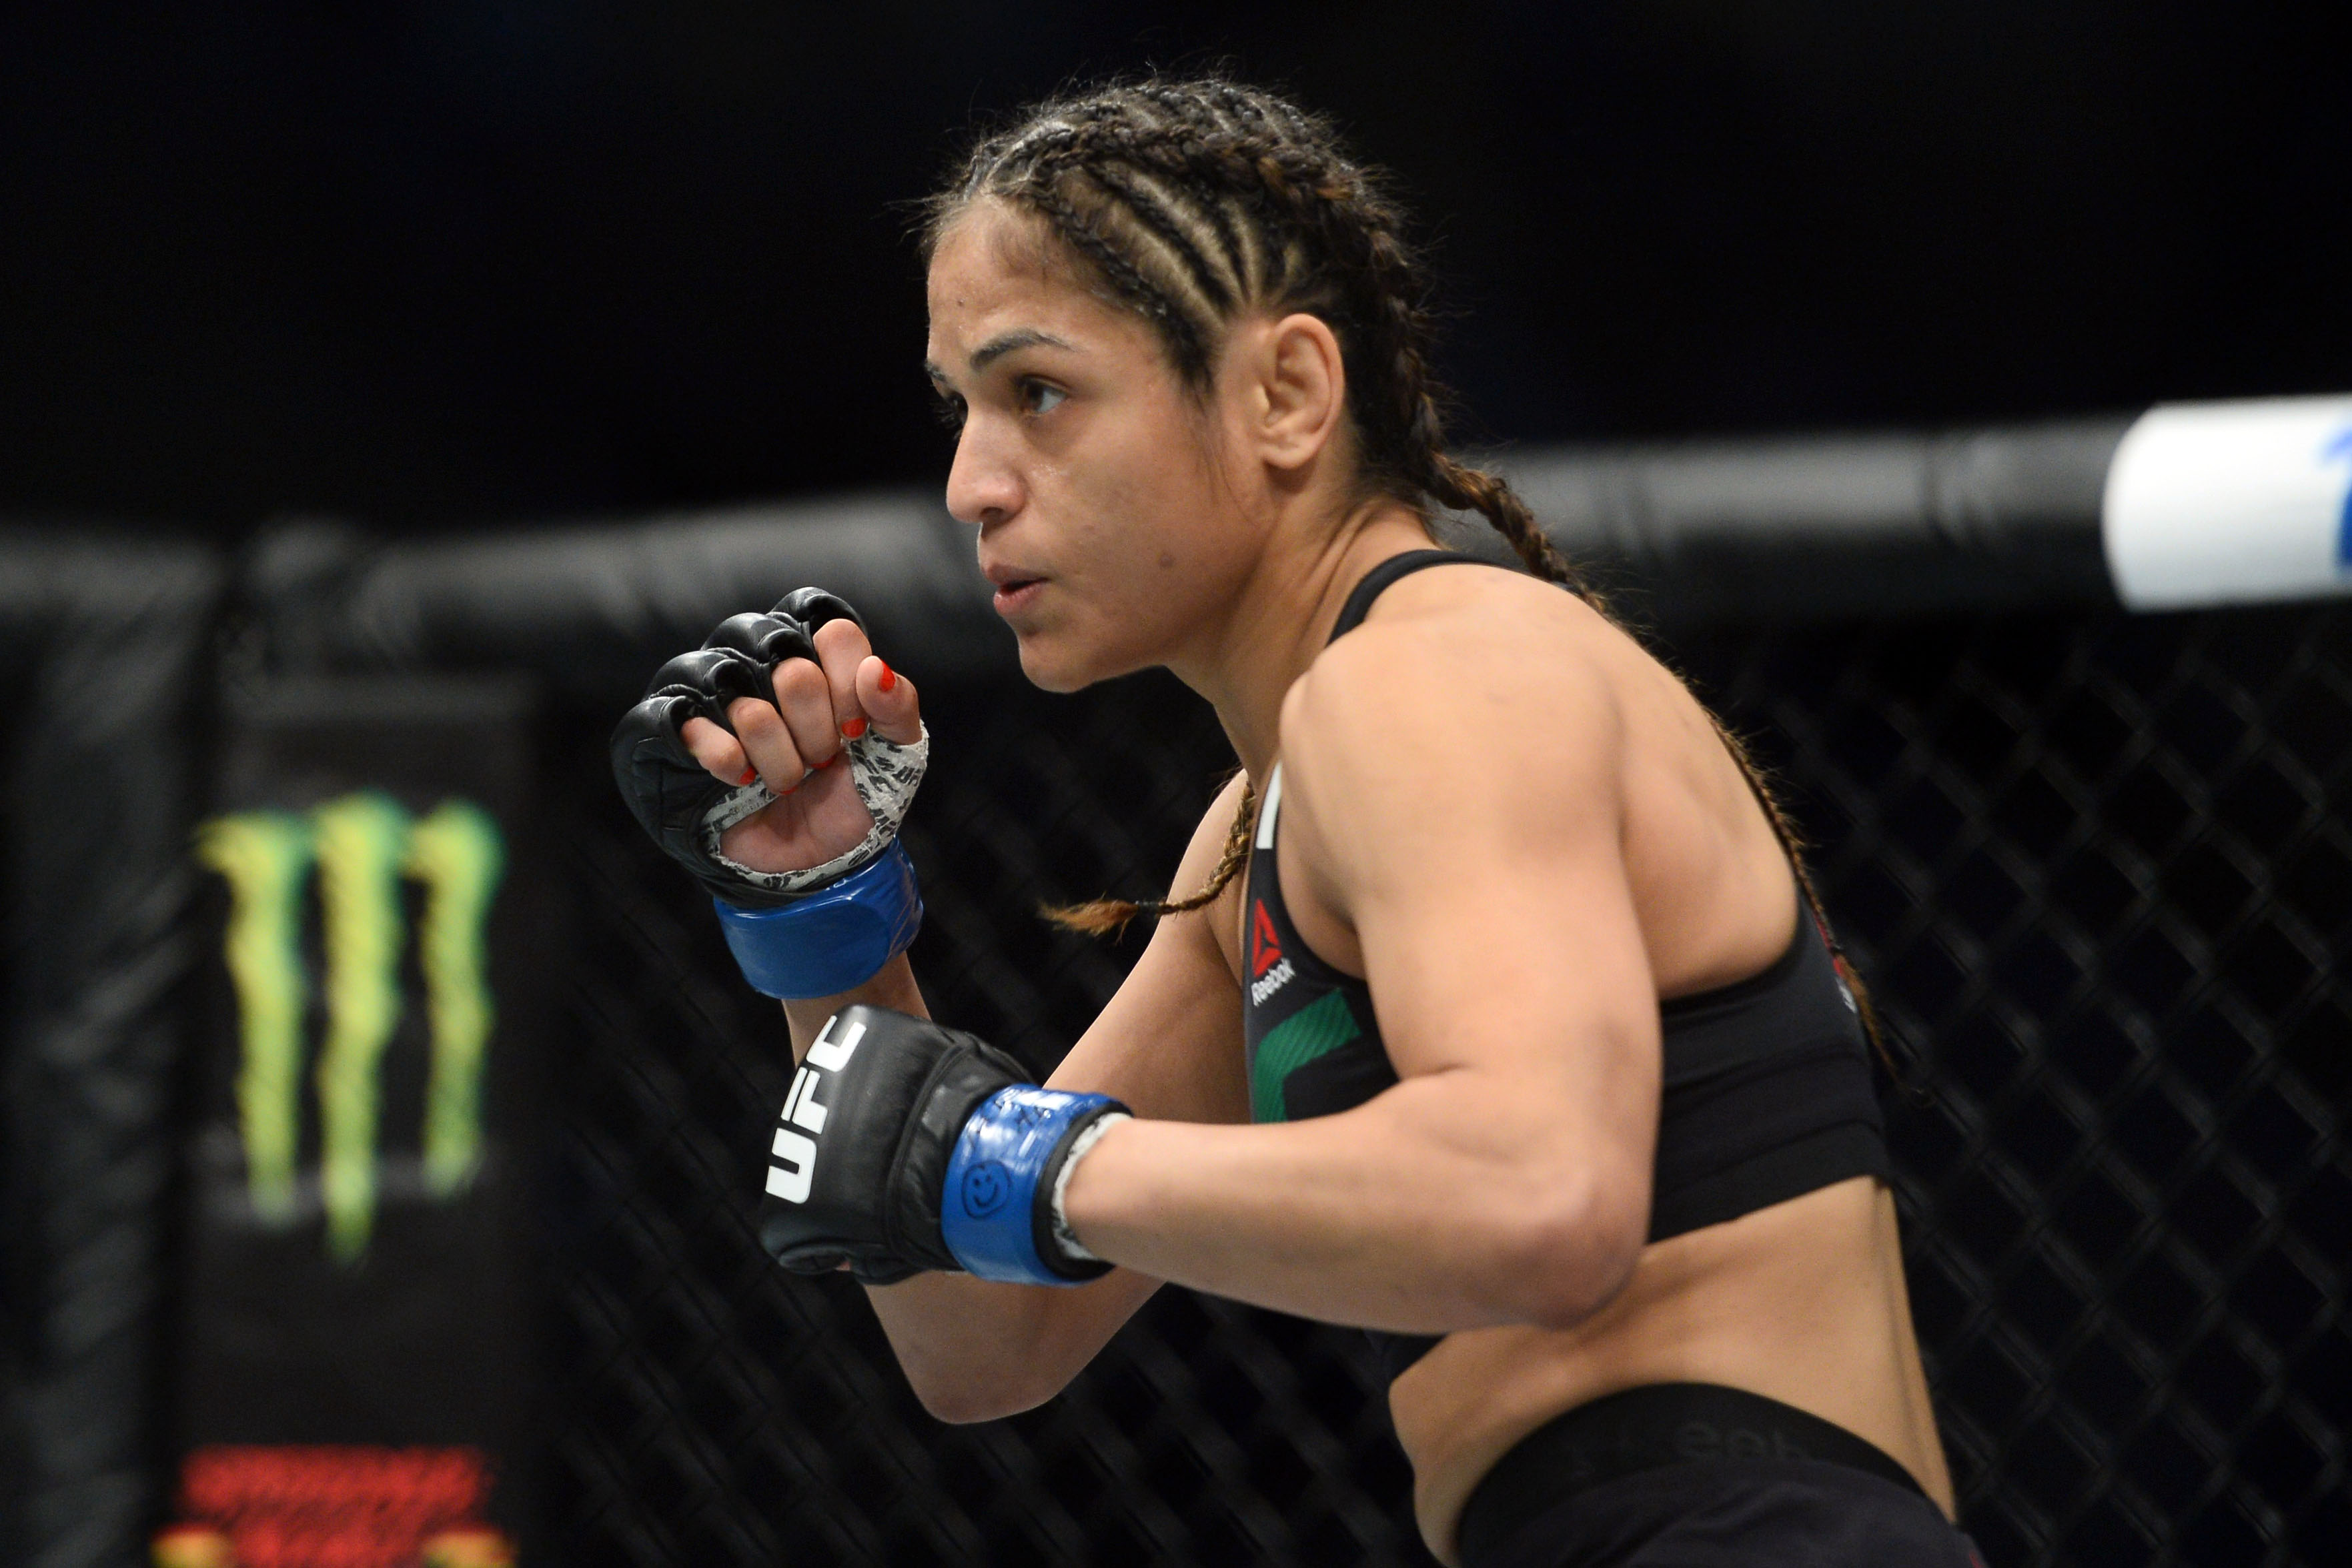 MMA: UFC 209-Cooper vs Calvillo